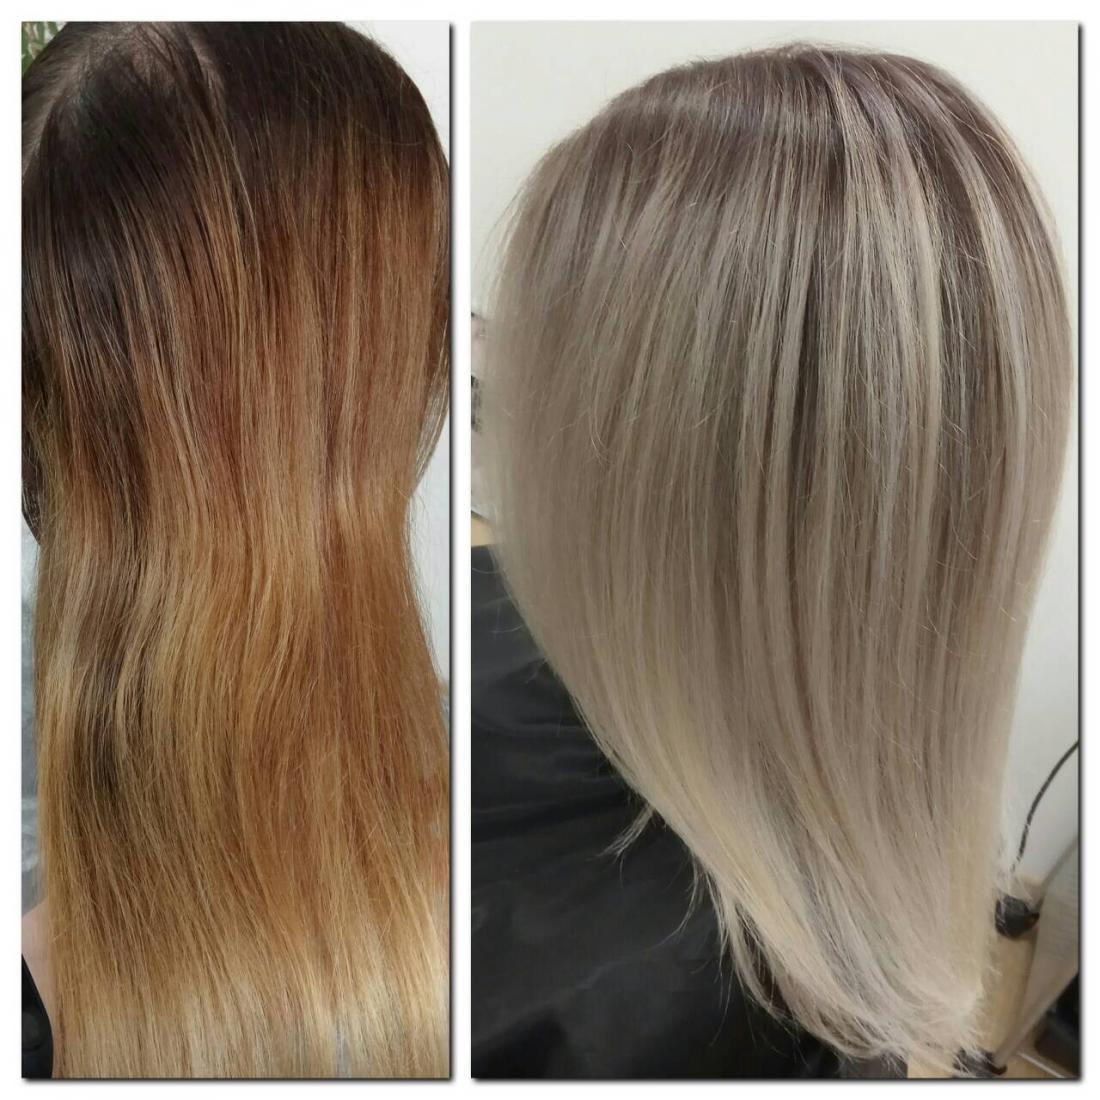 Стрижка челки, различные виды окрашивания, реконструкция и восстановление волос от 30 руб.